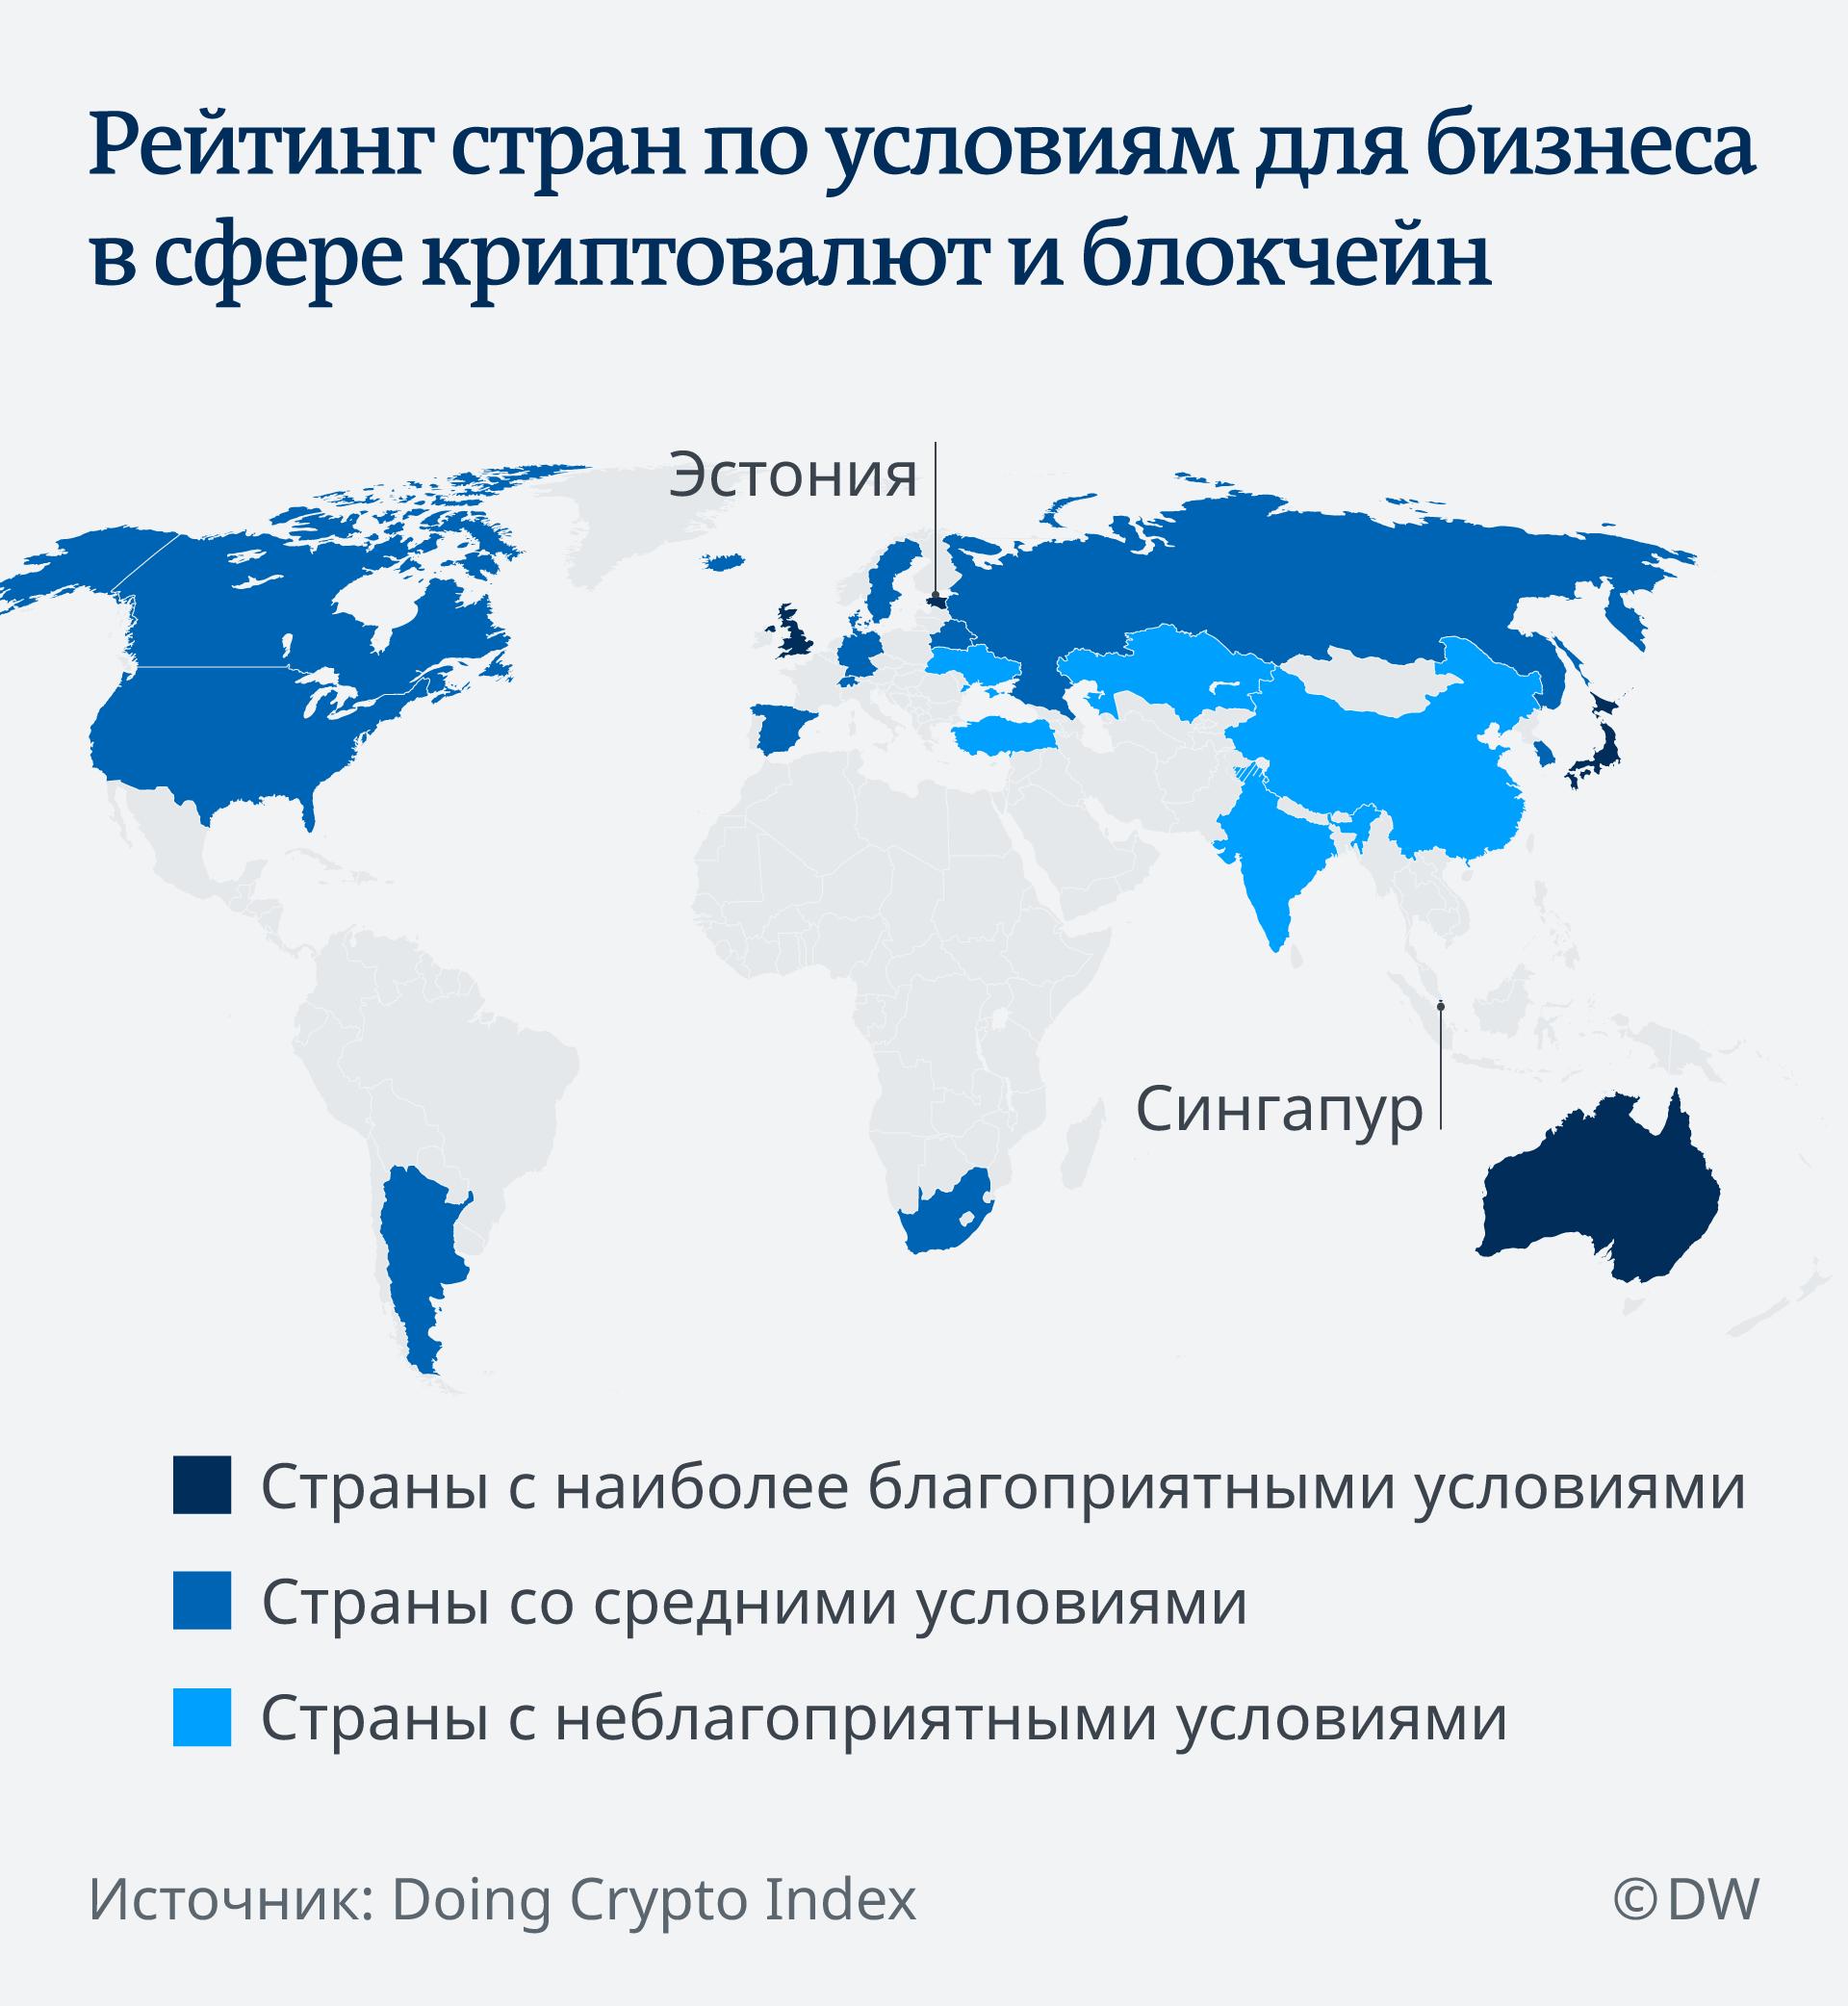 Эстония признана лучшей страной для криптобизнеса